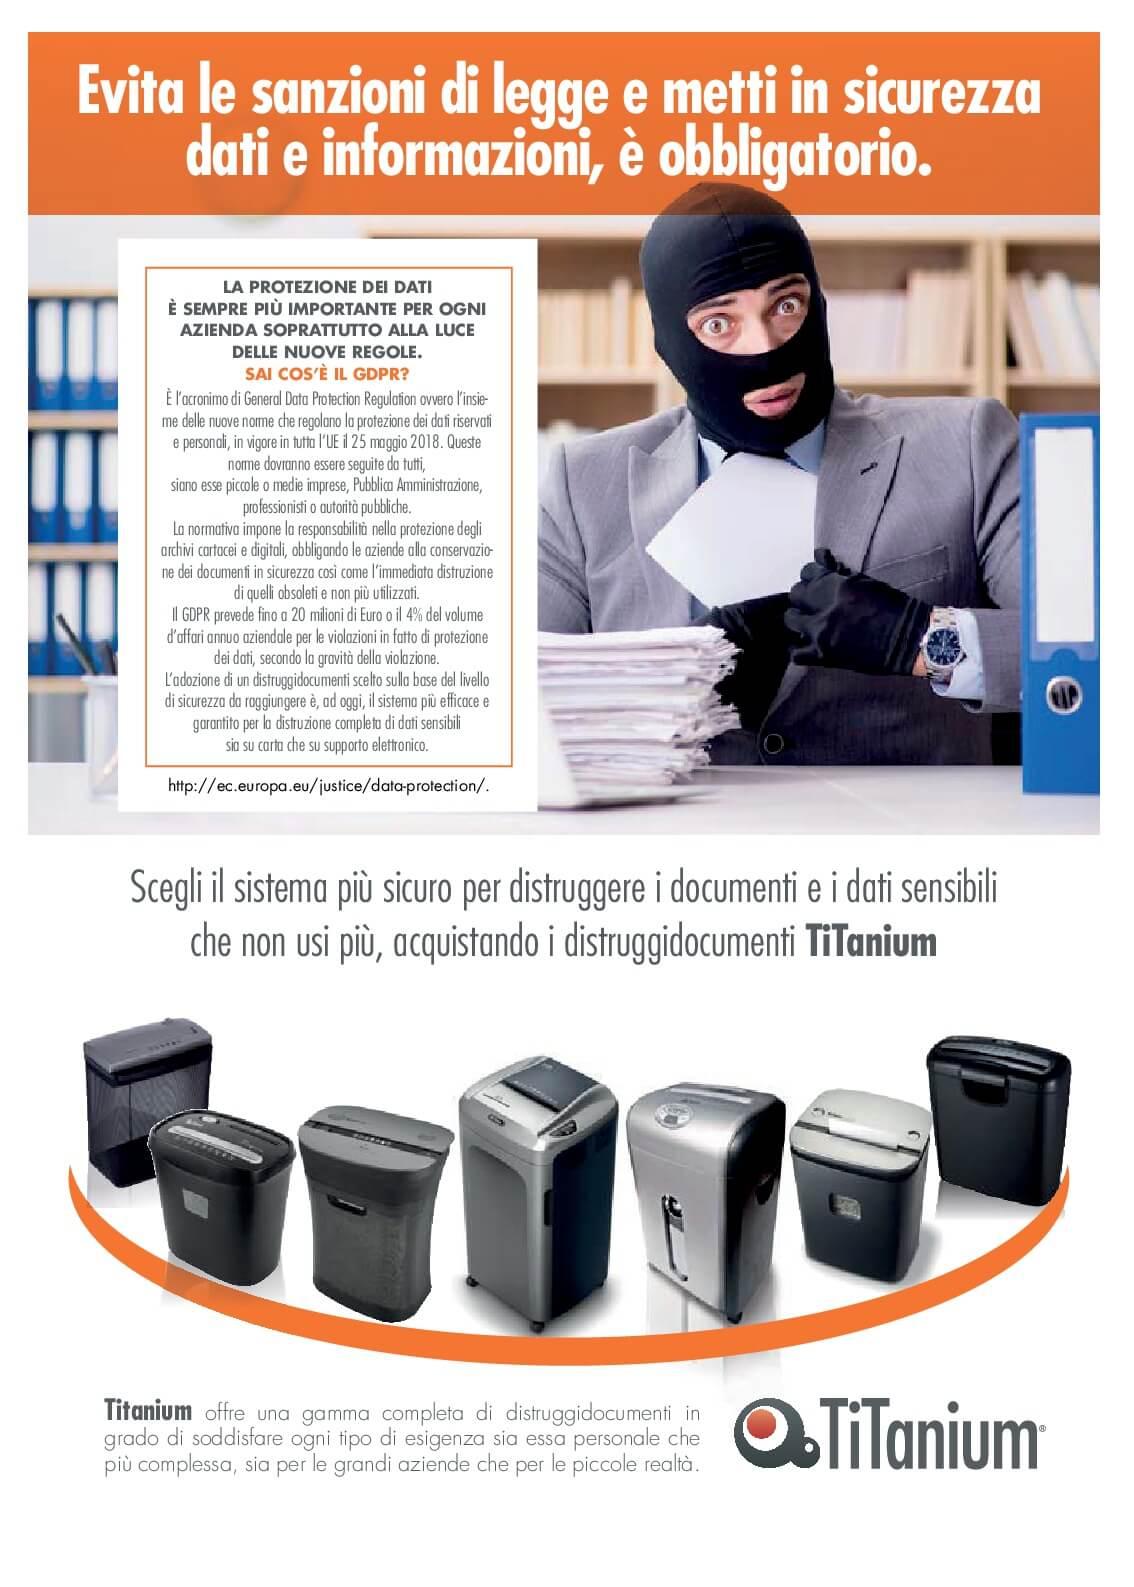 Scegli il sistema più sicuro per distruggere i documenti e i dati sensibili